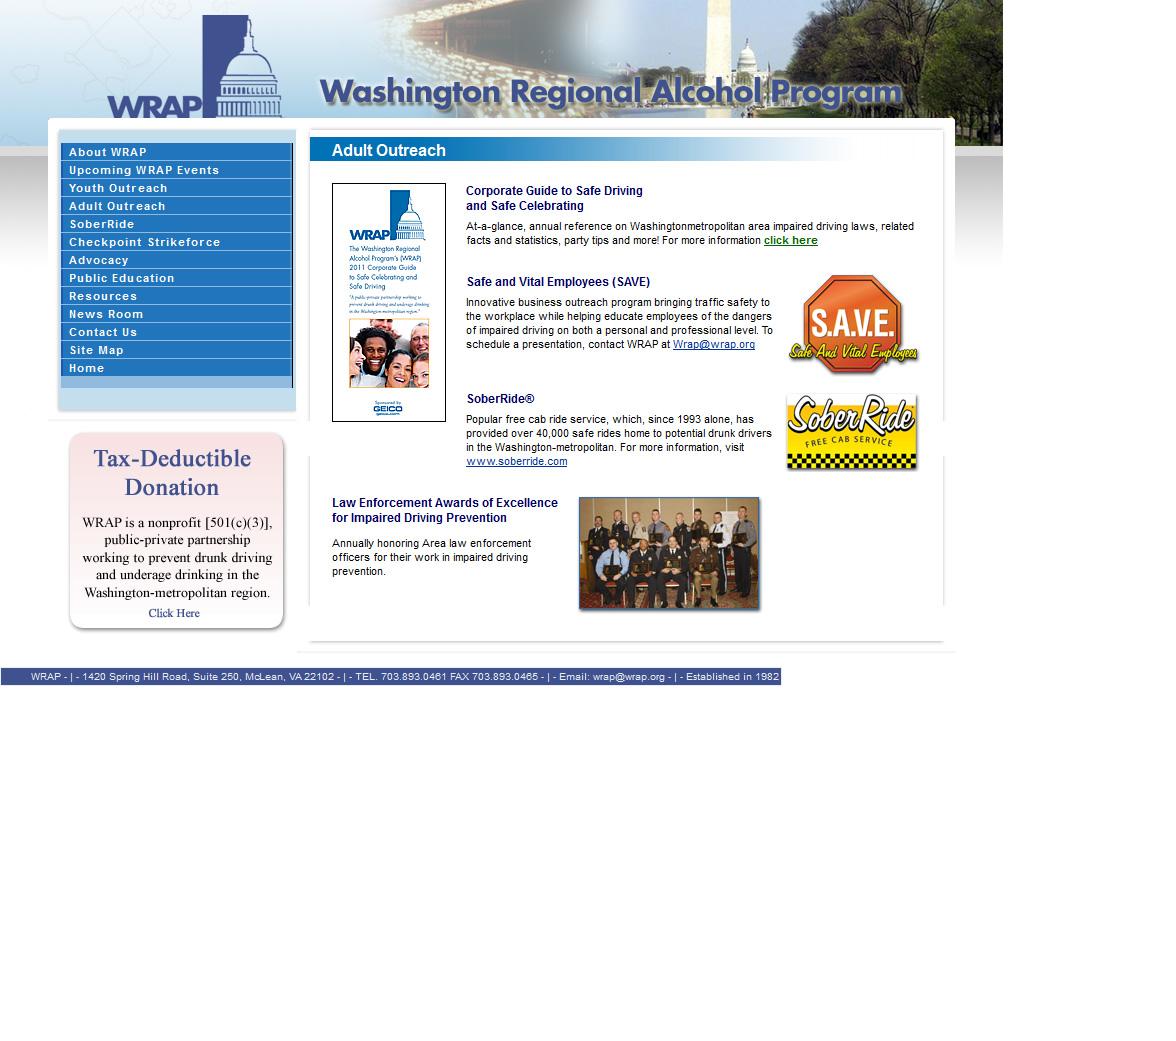 WRAP Interior Page